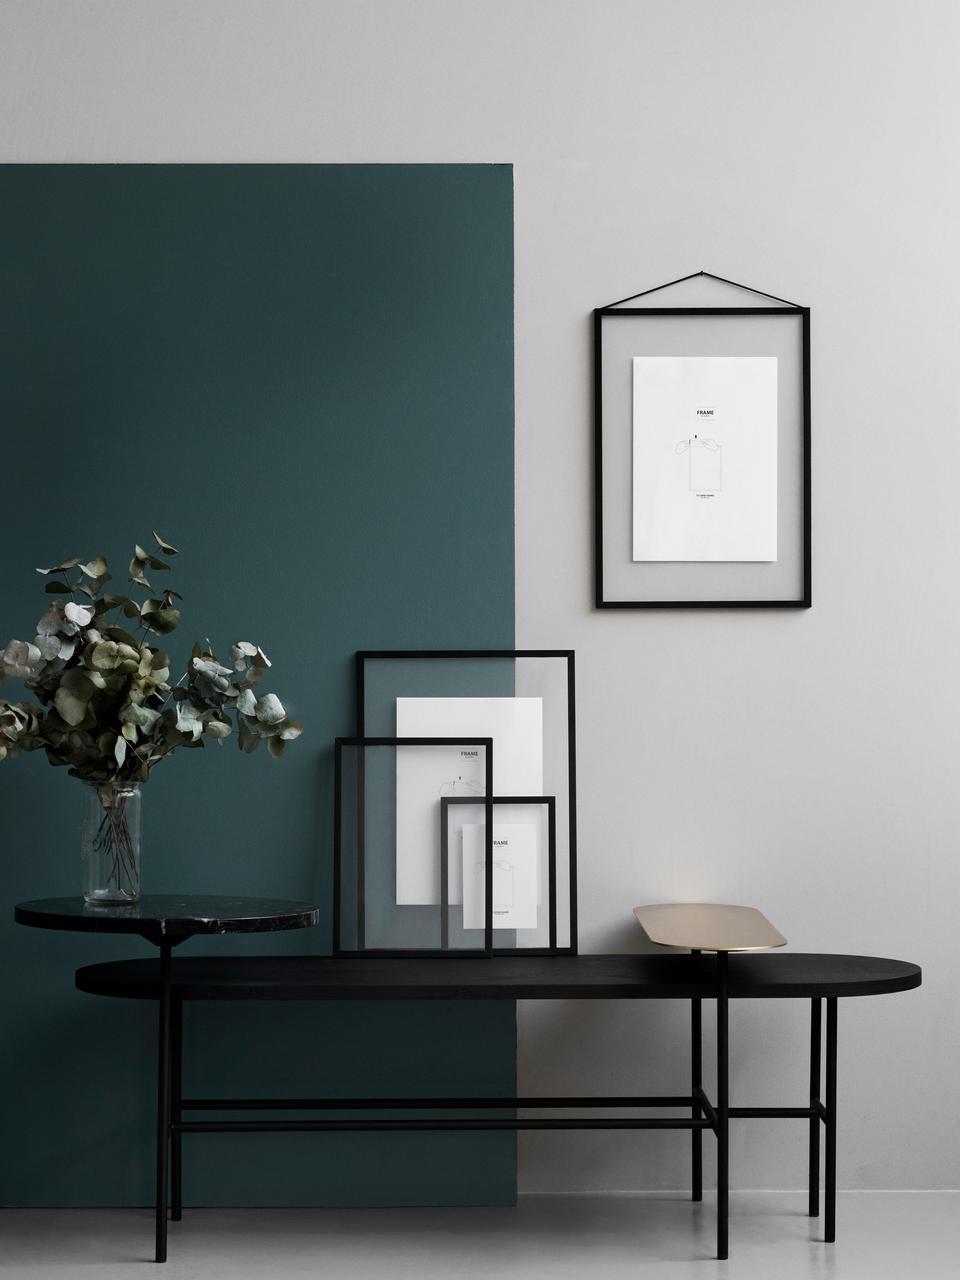 Ramka na zdjęcia Frame, Stelaż: aluminium malowane proszk, Stelaż: czarny Zawieszka: czarny Front i tył: transparentny, S 17 x W 23 cm